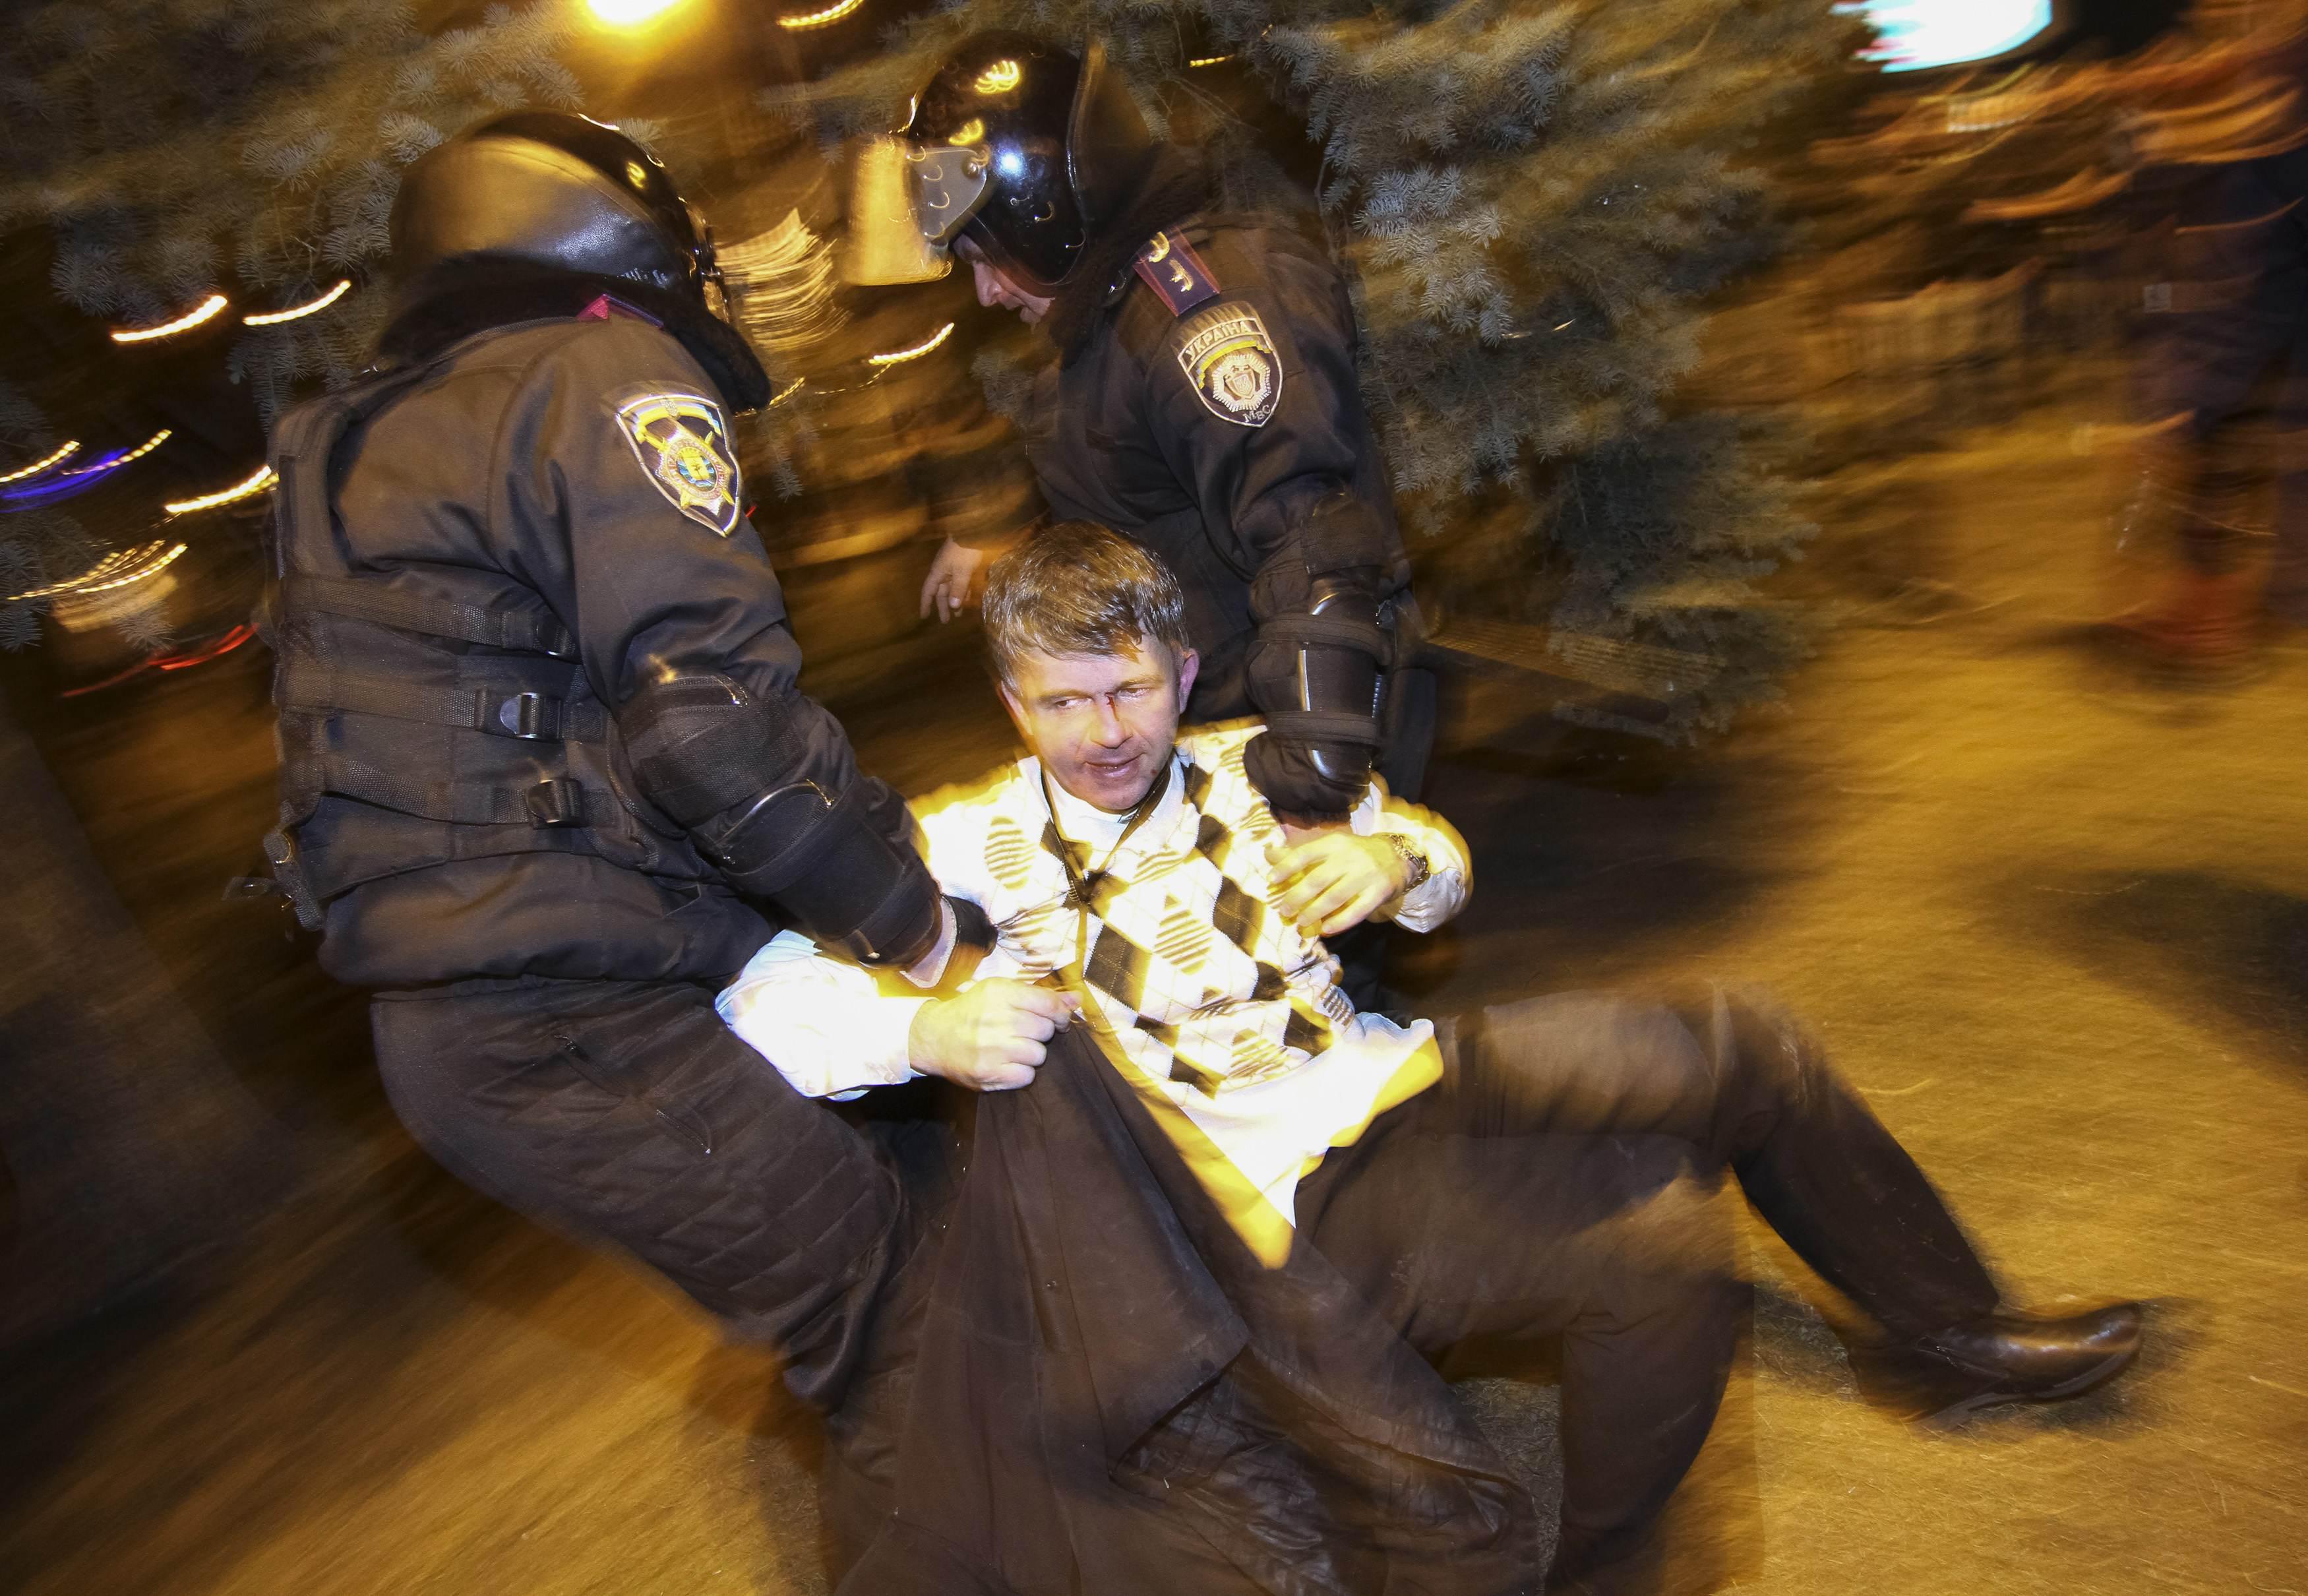 Policiais prendem manifestante durante confronto na cidade ucraniana de Donetsk, onde uma pessoa morreu | Mikhail Maslovsky/Reuters